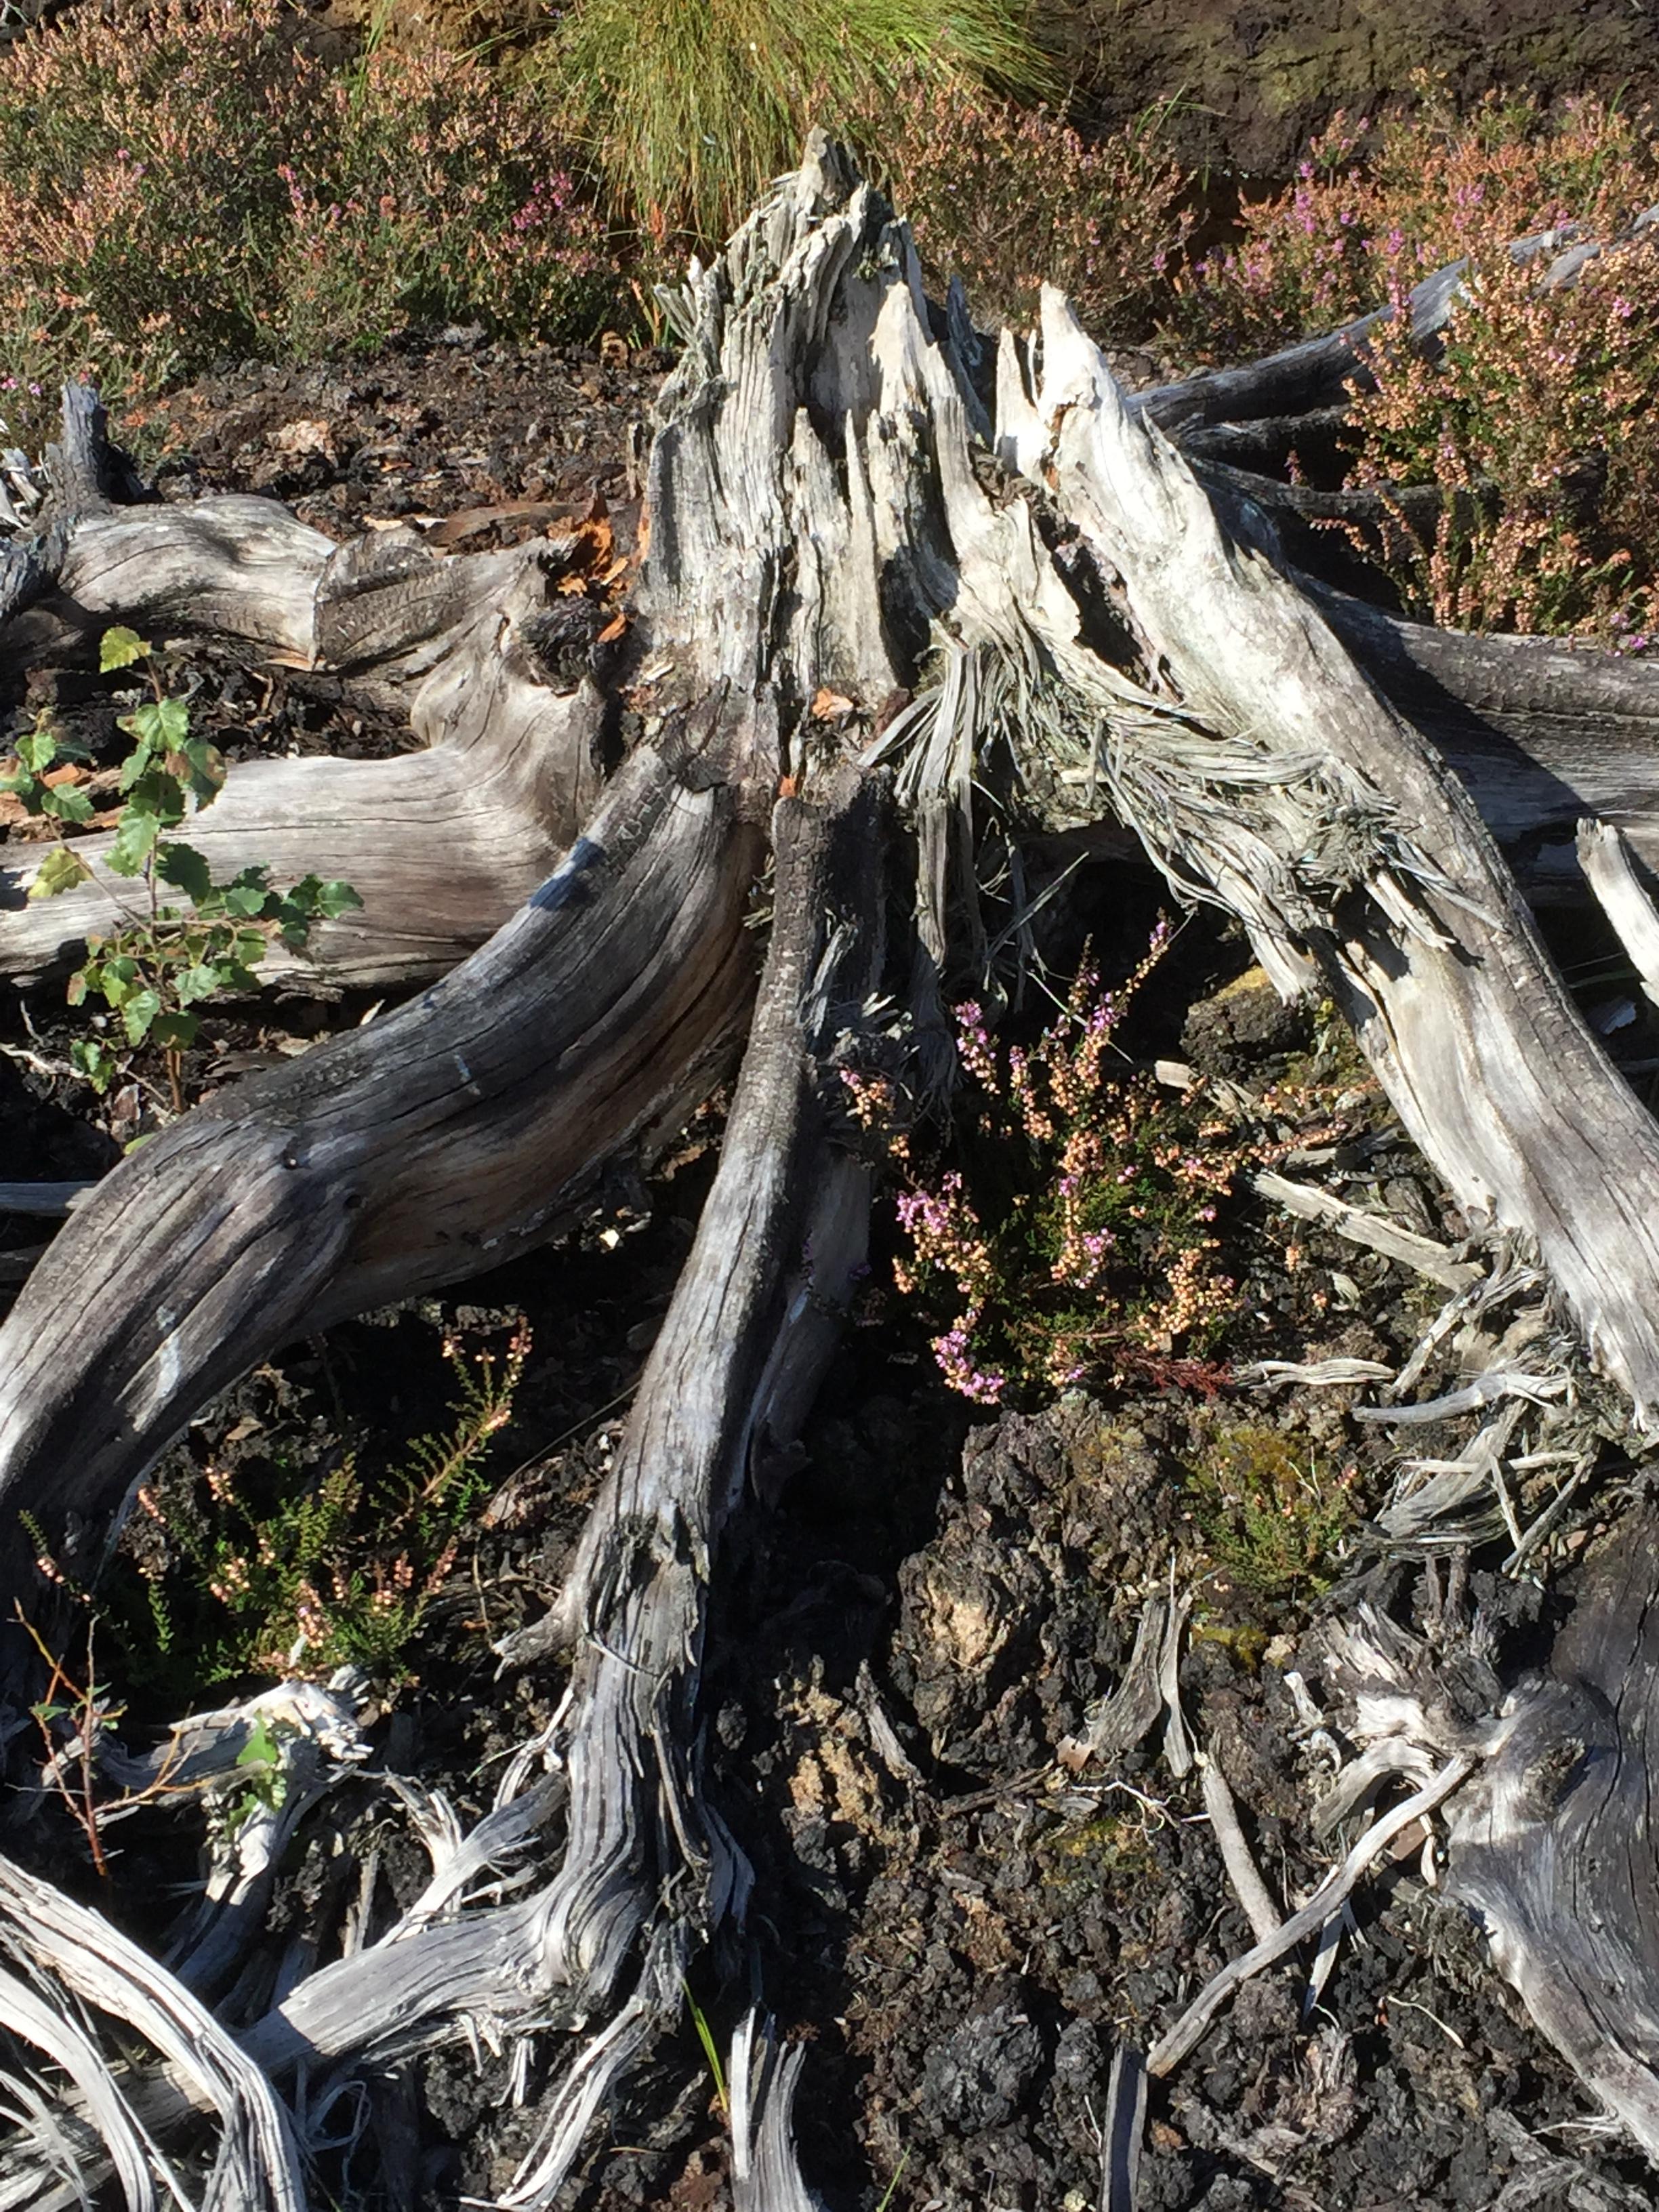 Old bog oak tree stump on peatland or heath in Ireland